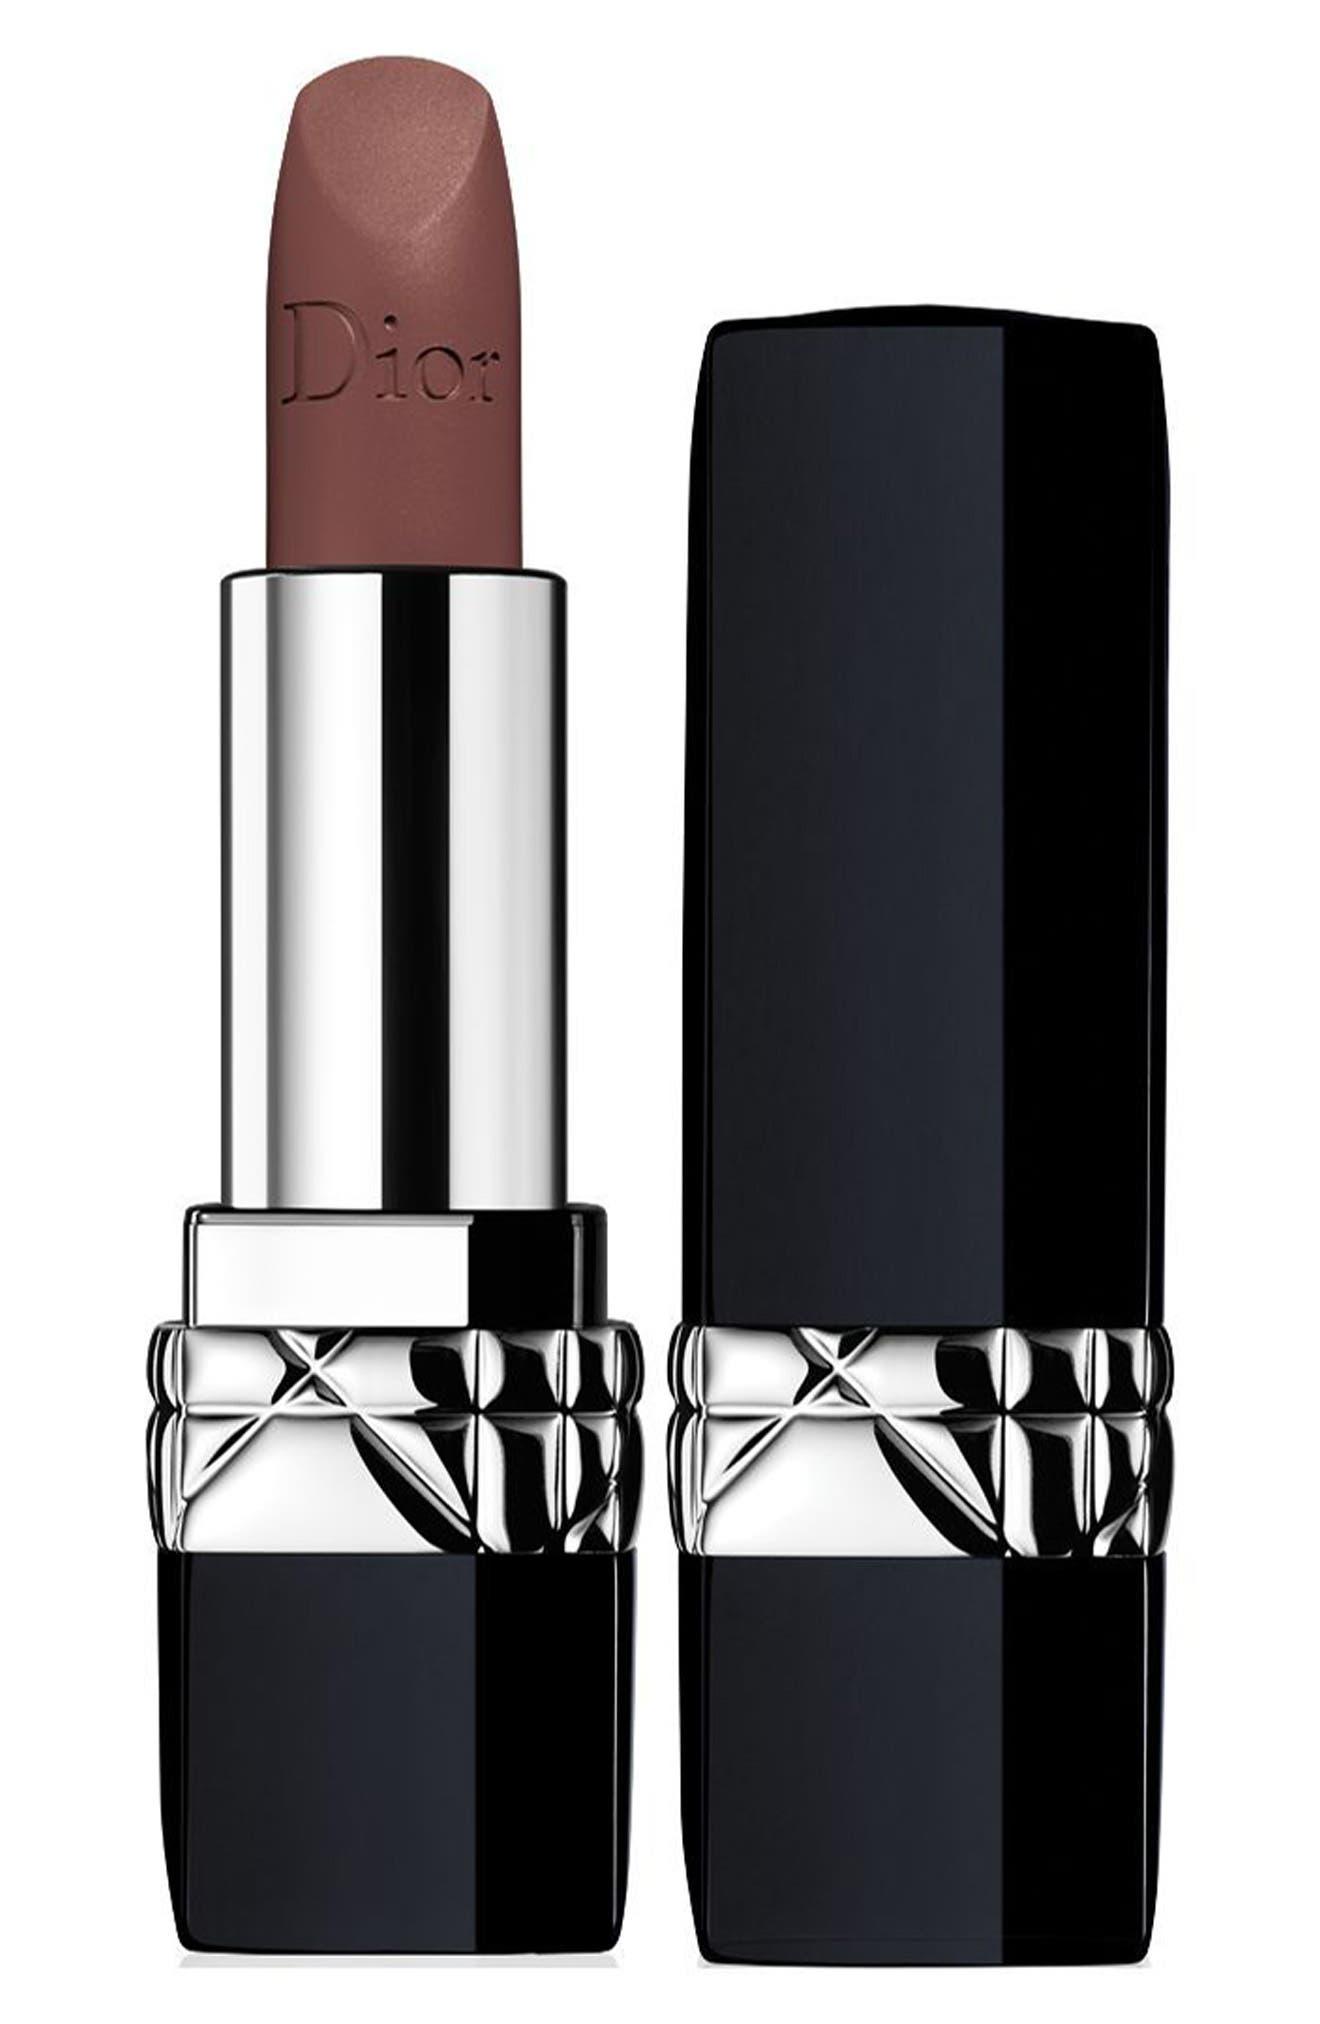 Dior Couture Color Rouge Dior Lipstick - 810 Distinct Matte